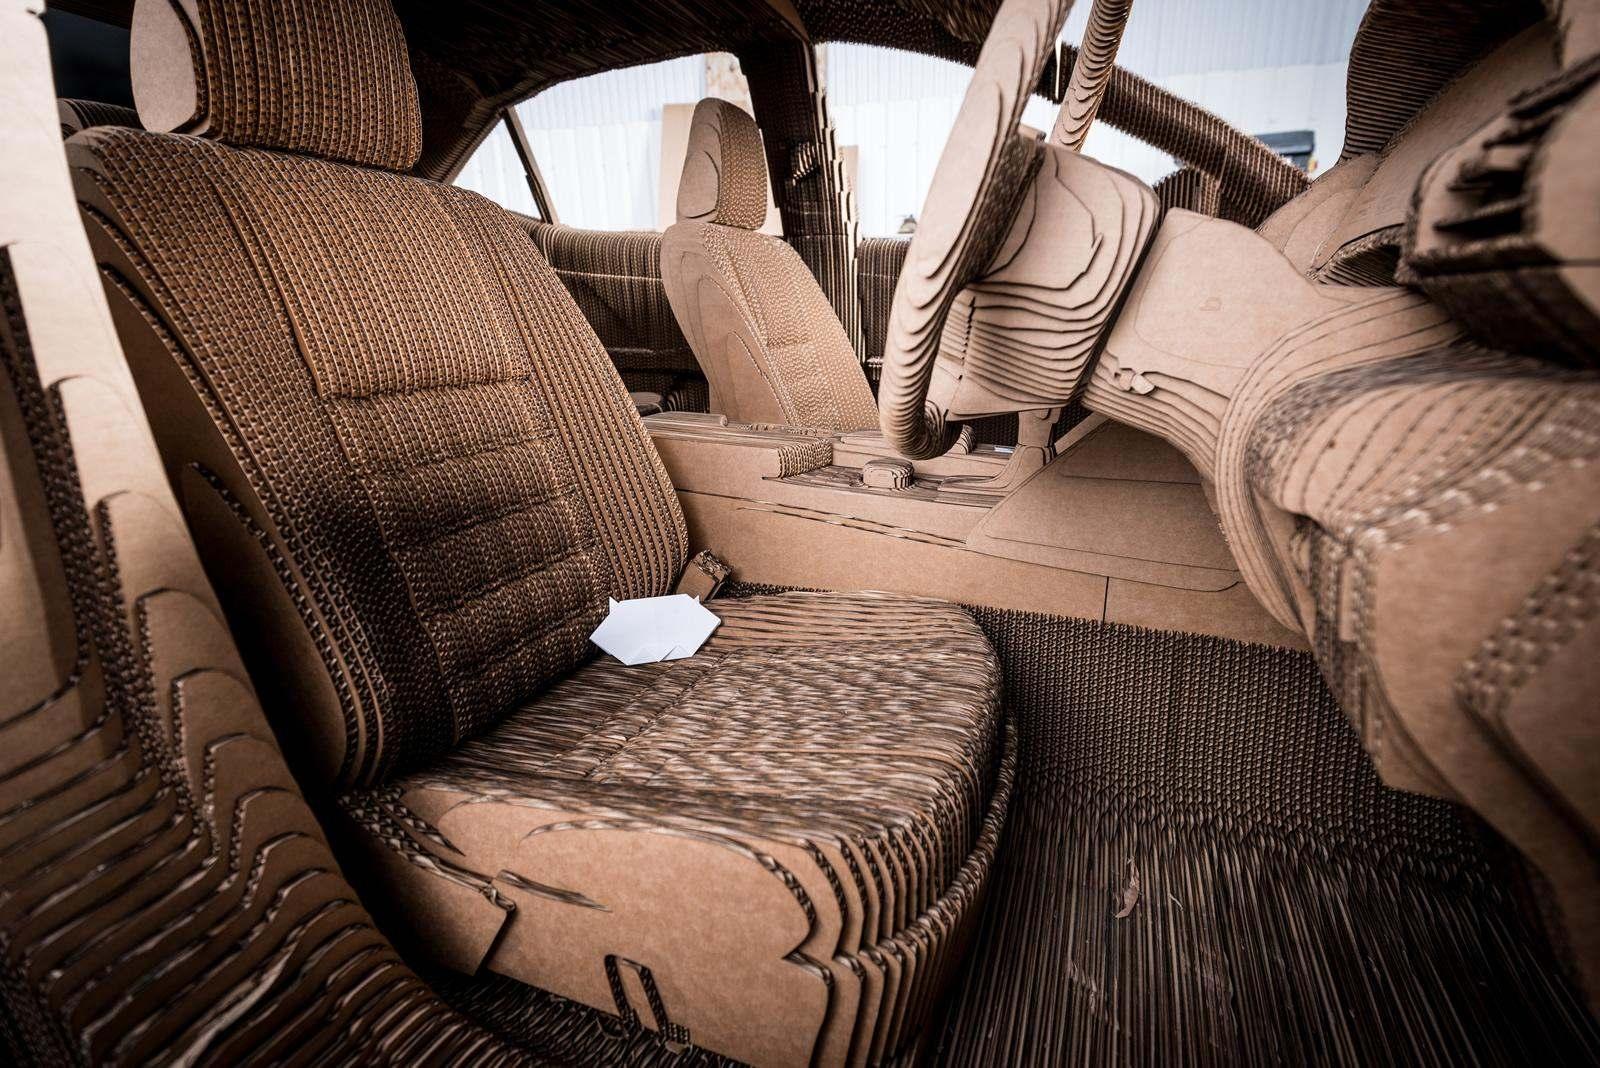 [Image: S0-Lexus-devoile-une-IS-roulante-en-carton-363718.jpg]